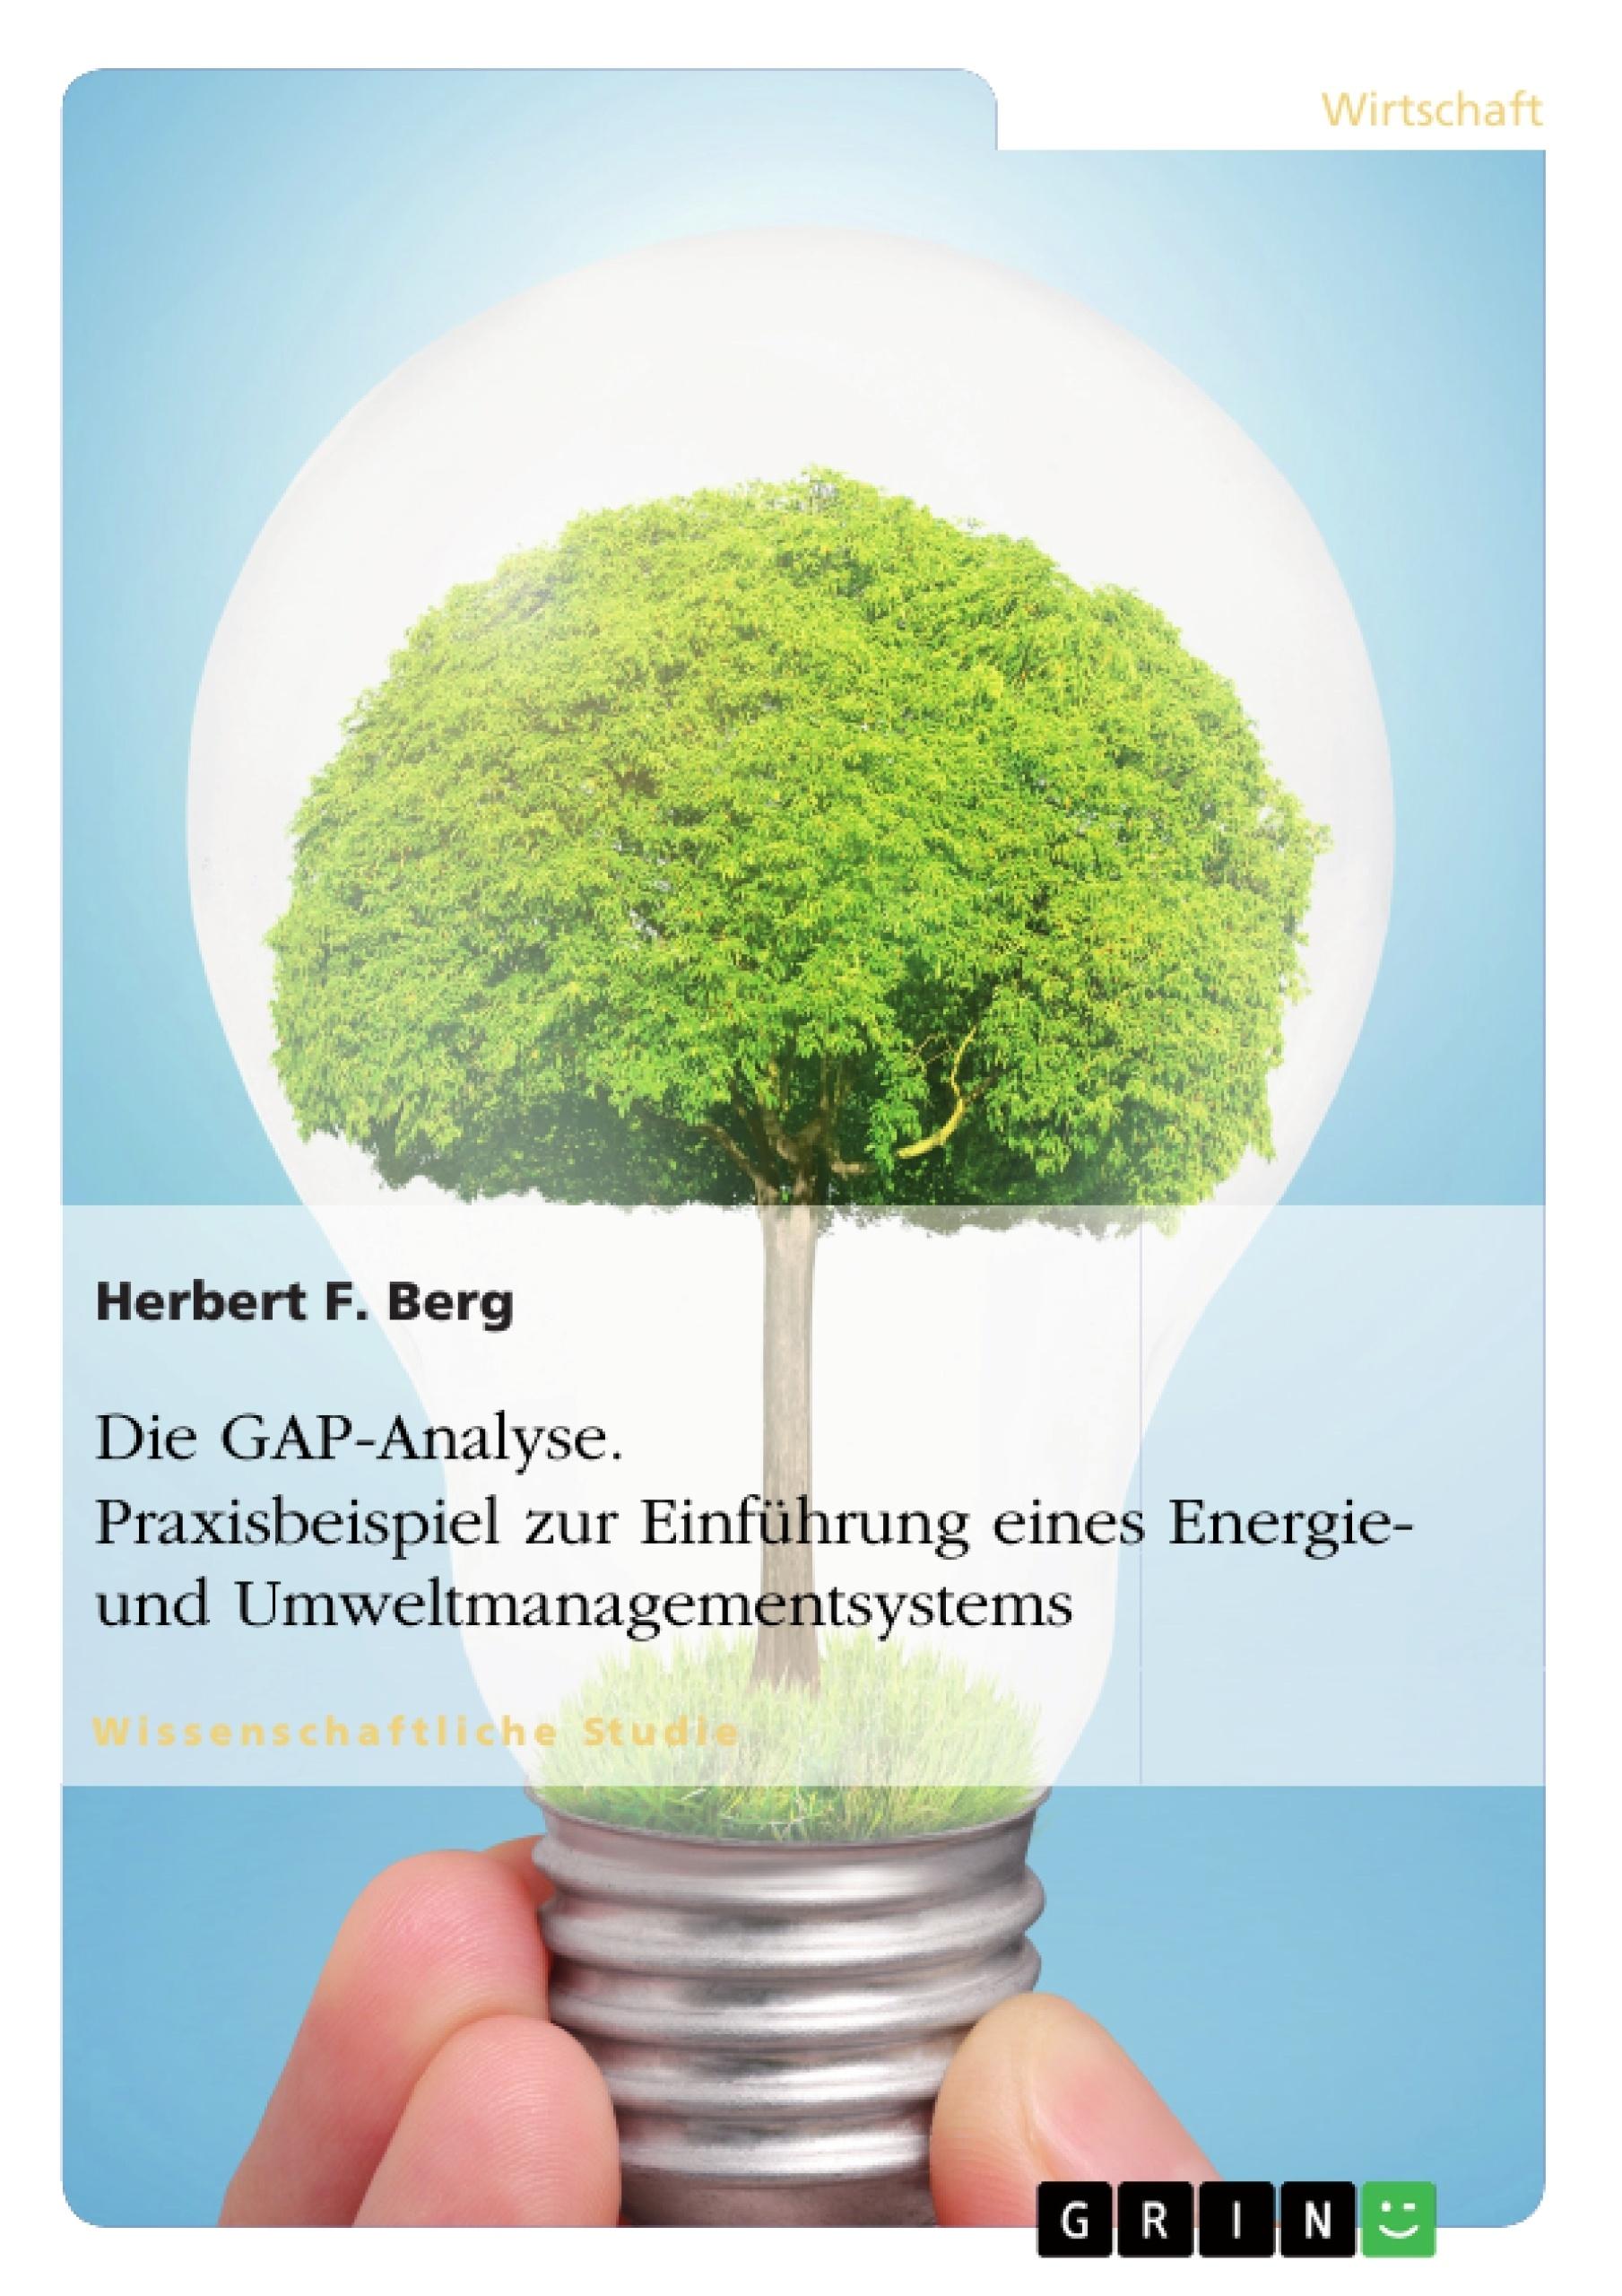 Titel: Die GAP-Analyse. Praxisbeispiel zur Einführung eines Energie- und Umweltmanagementsystems